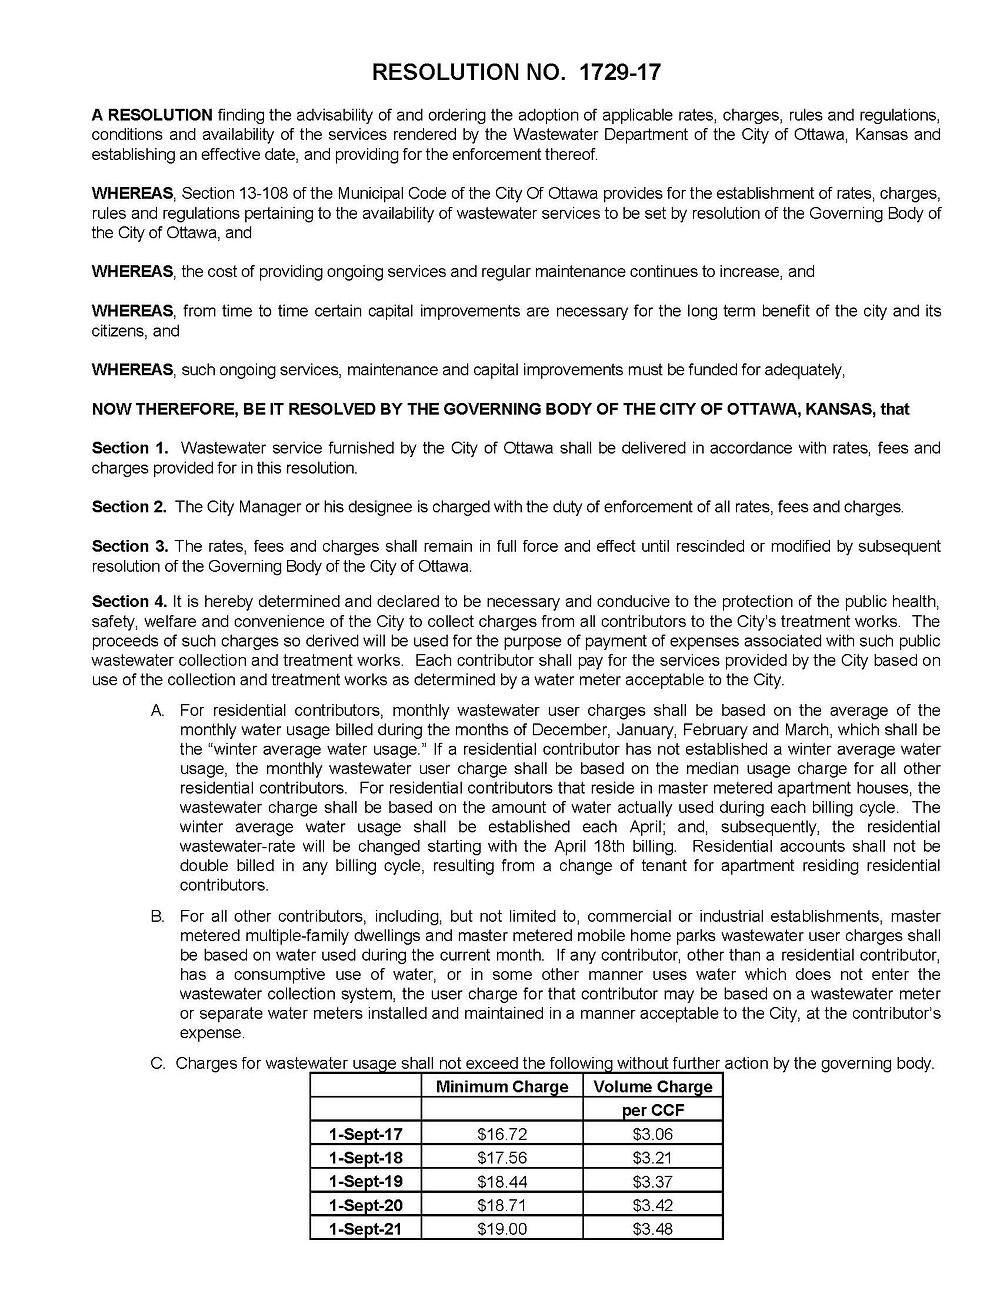 Resolution 1729-17